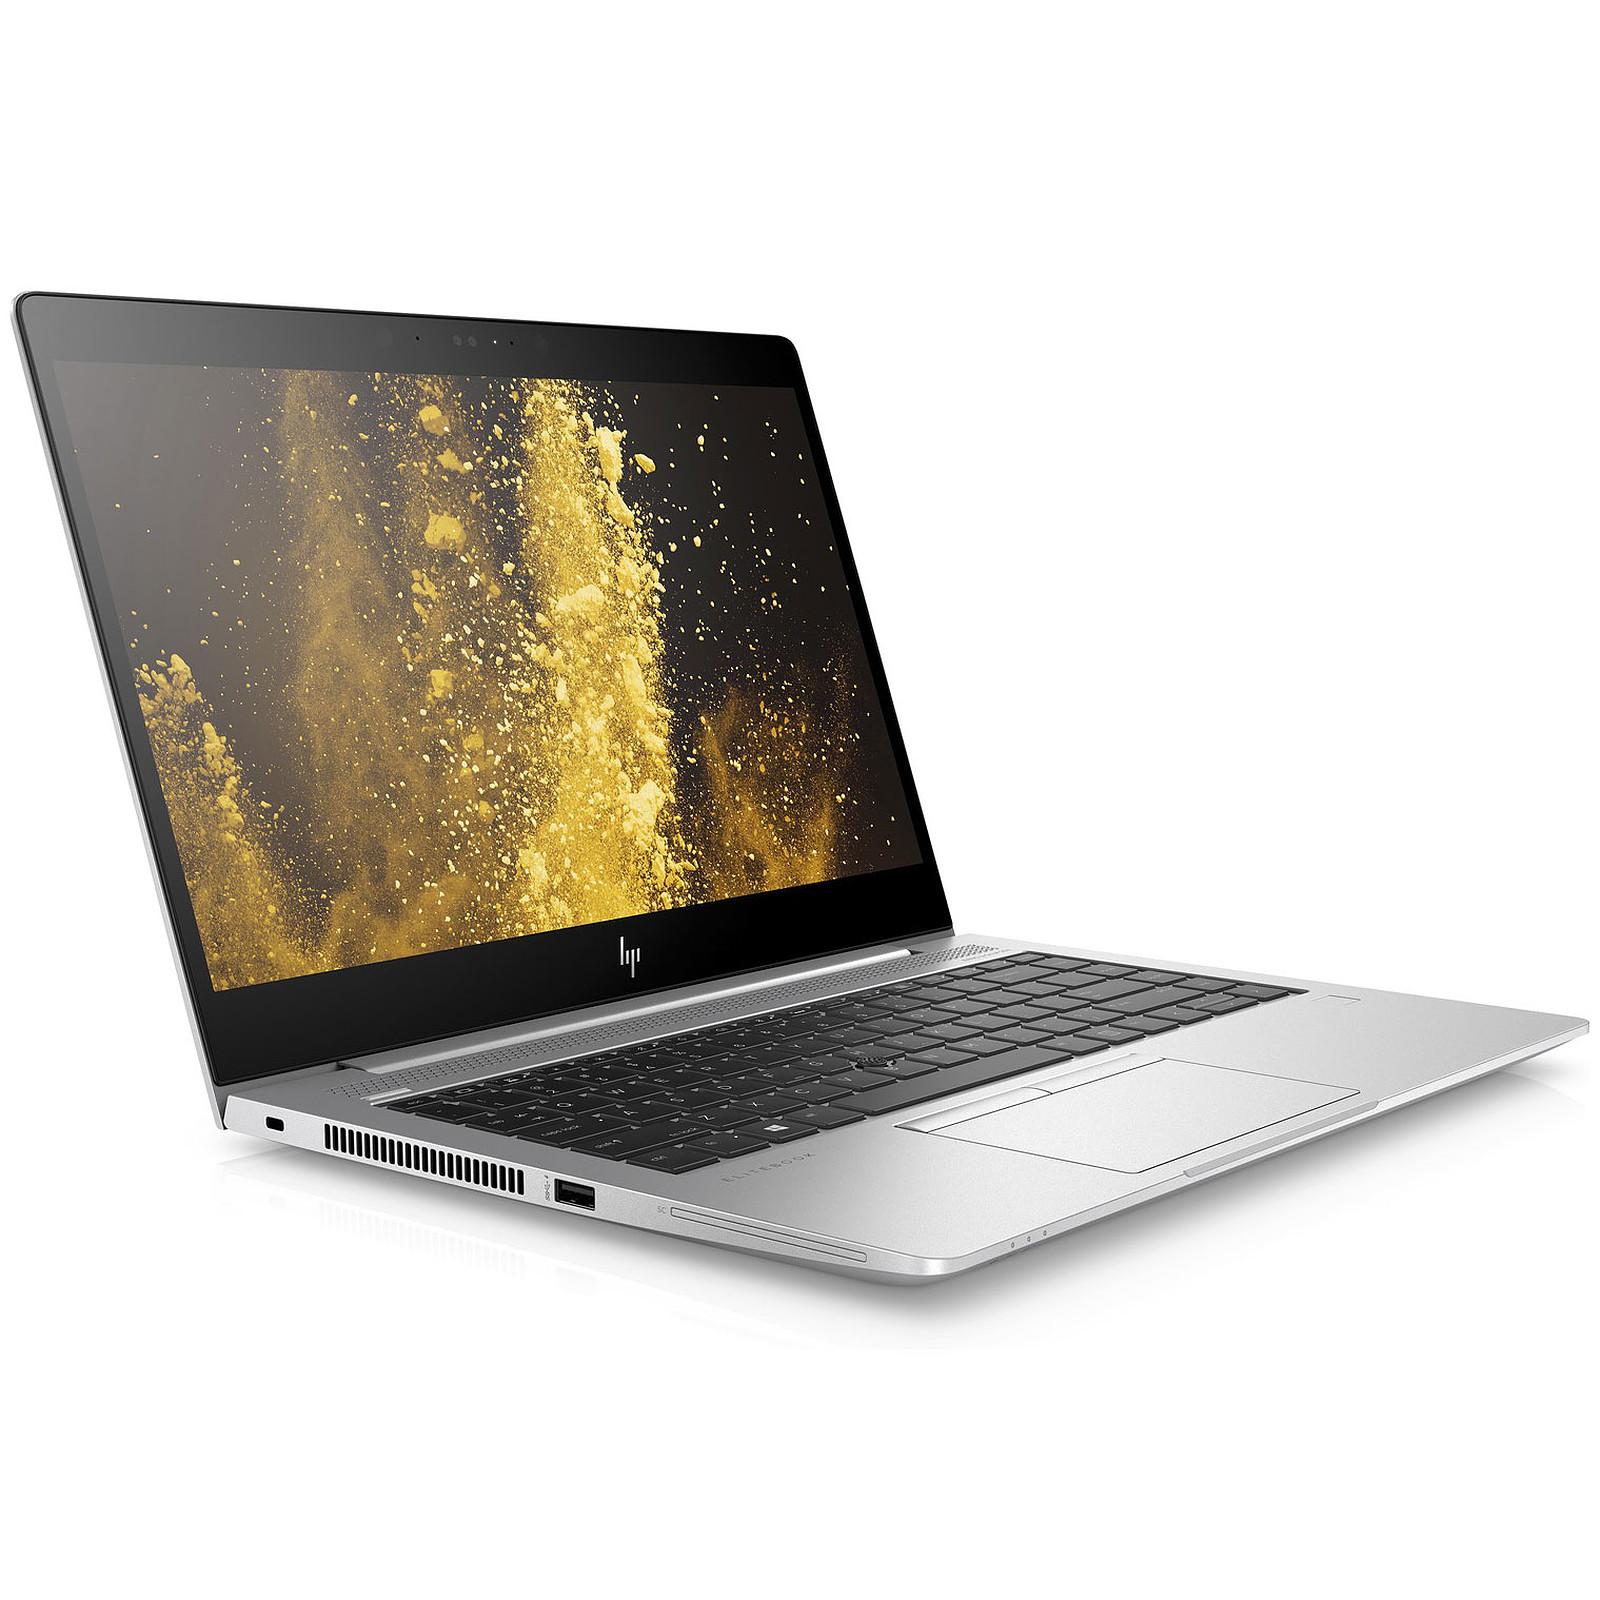 HP EliteBook 840 G5 (3JX29EA)